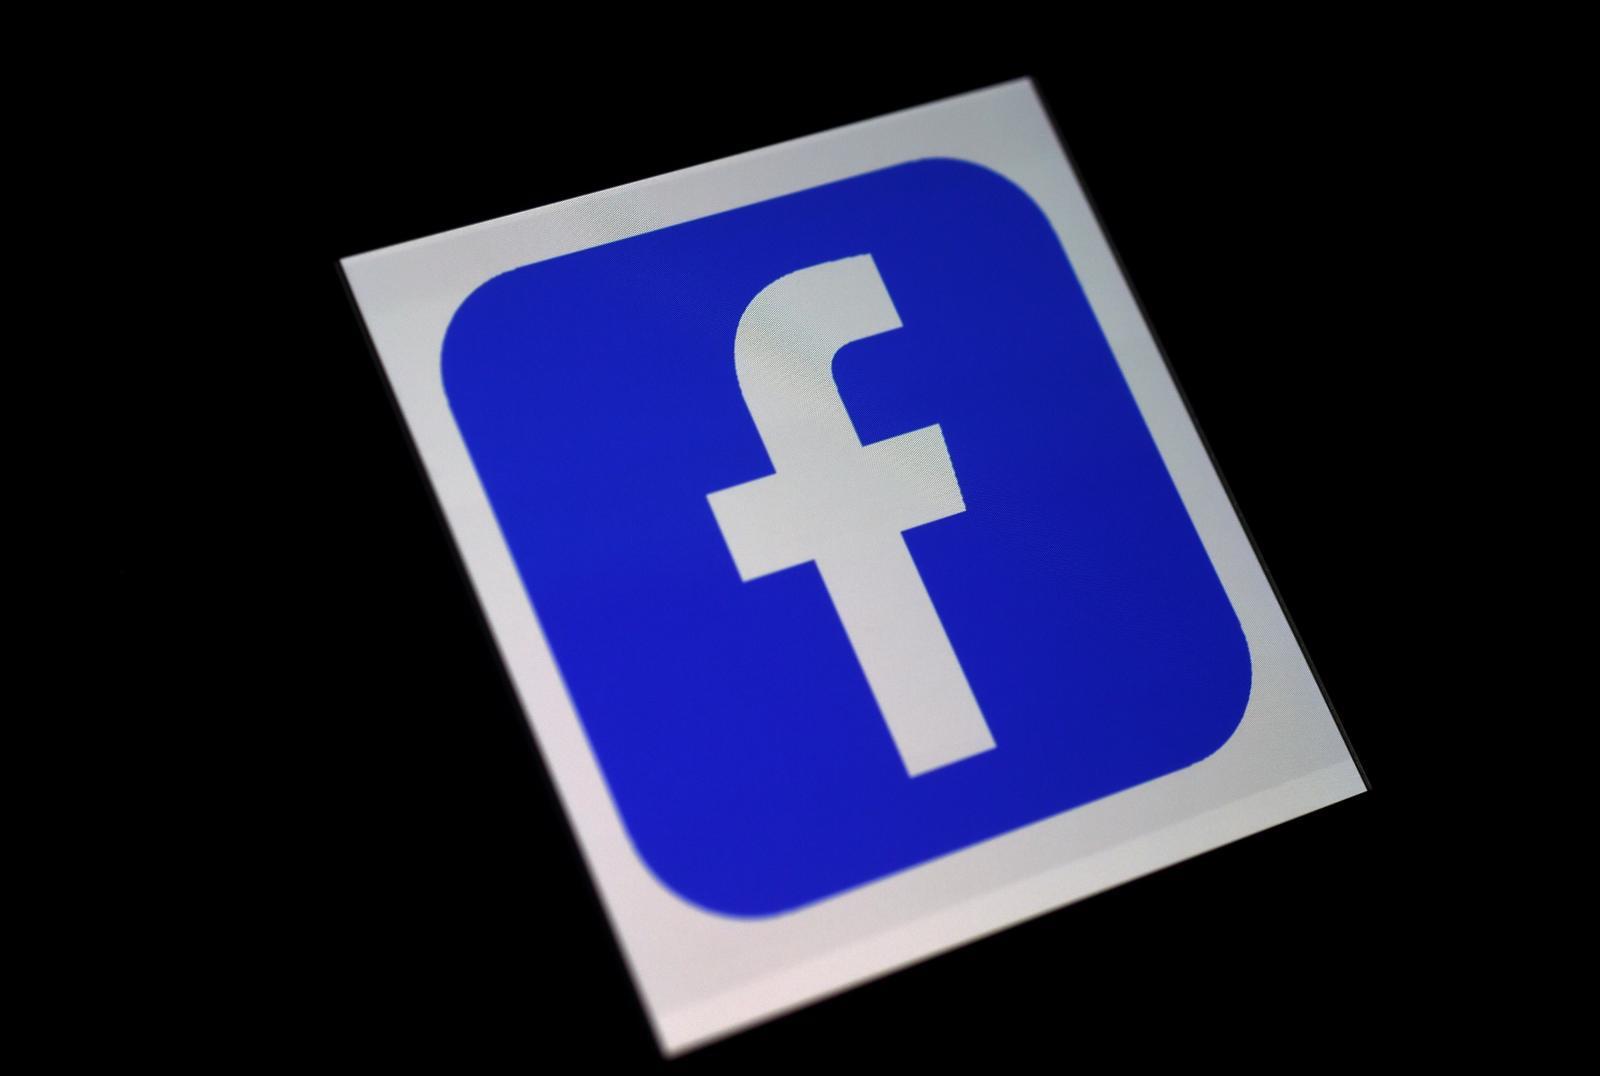 เฟซบุ๊กขยายเวลาทำงานจากที่บ้านได้ถึงปีหน้า